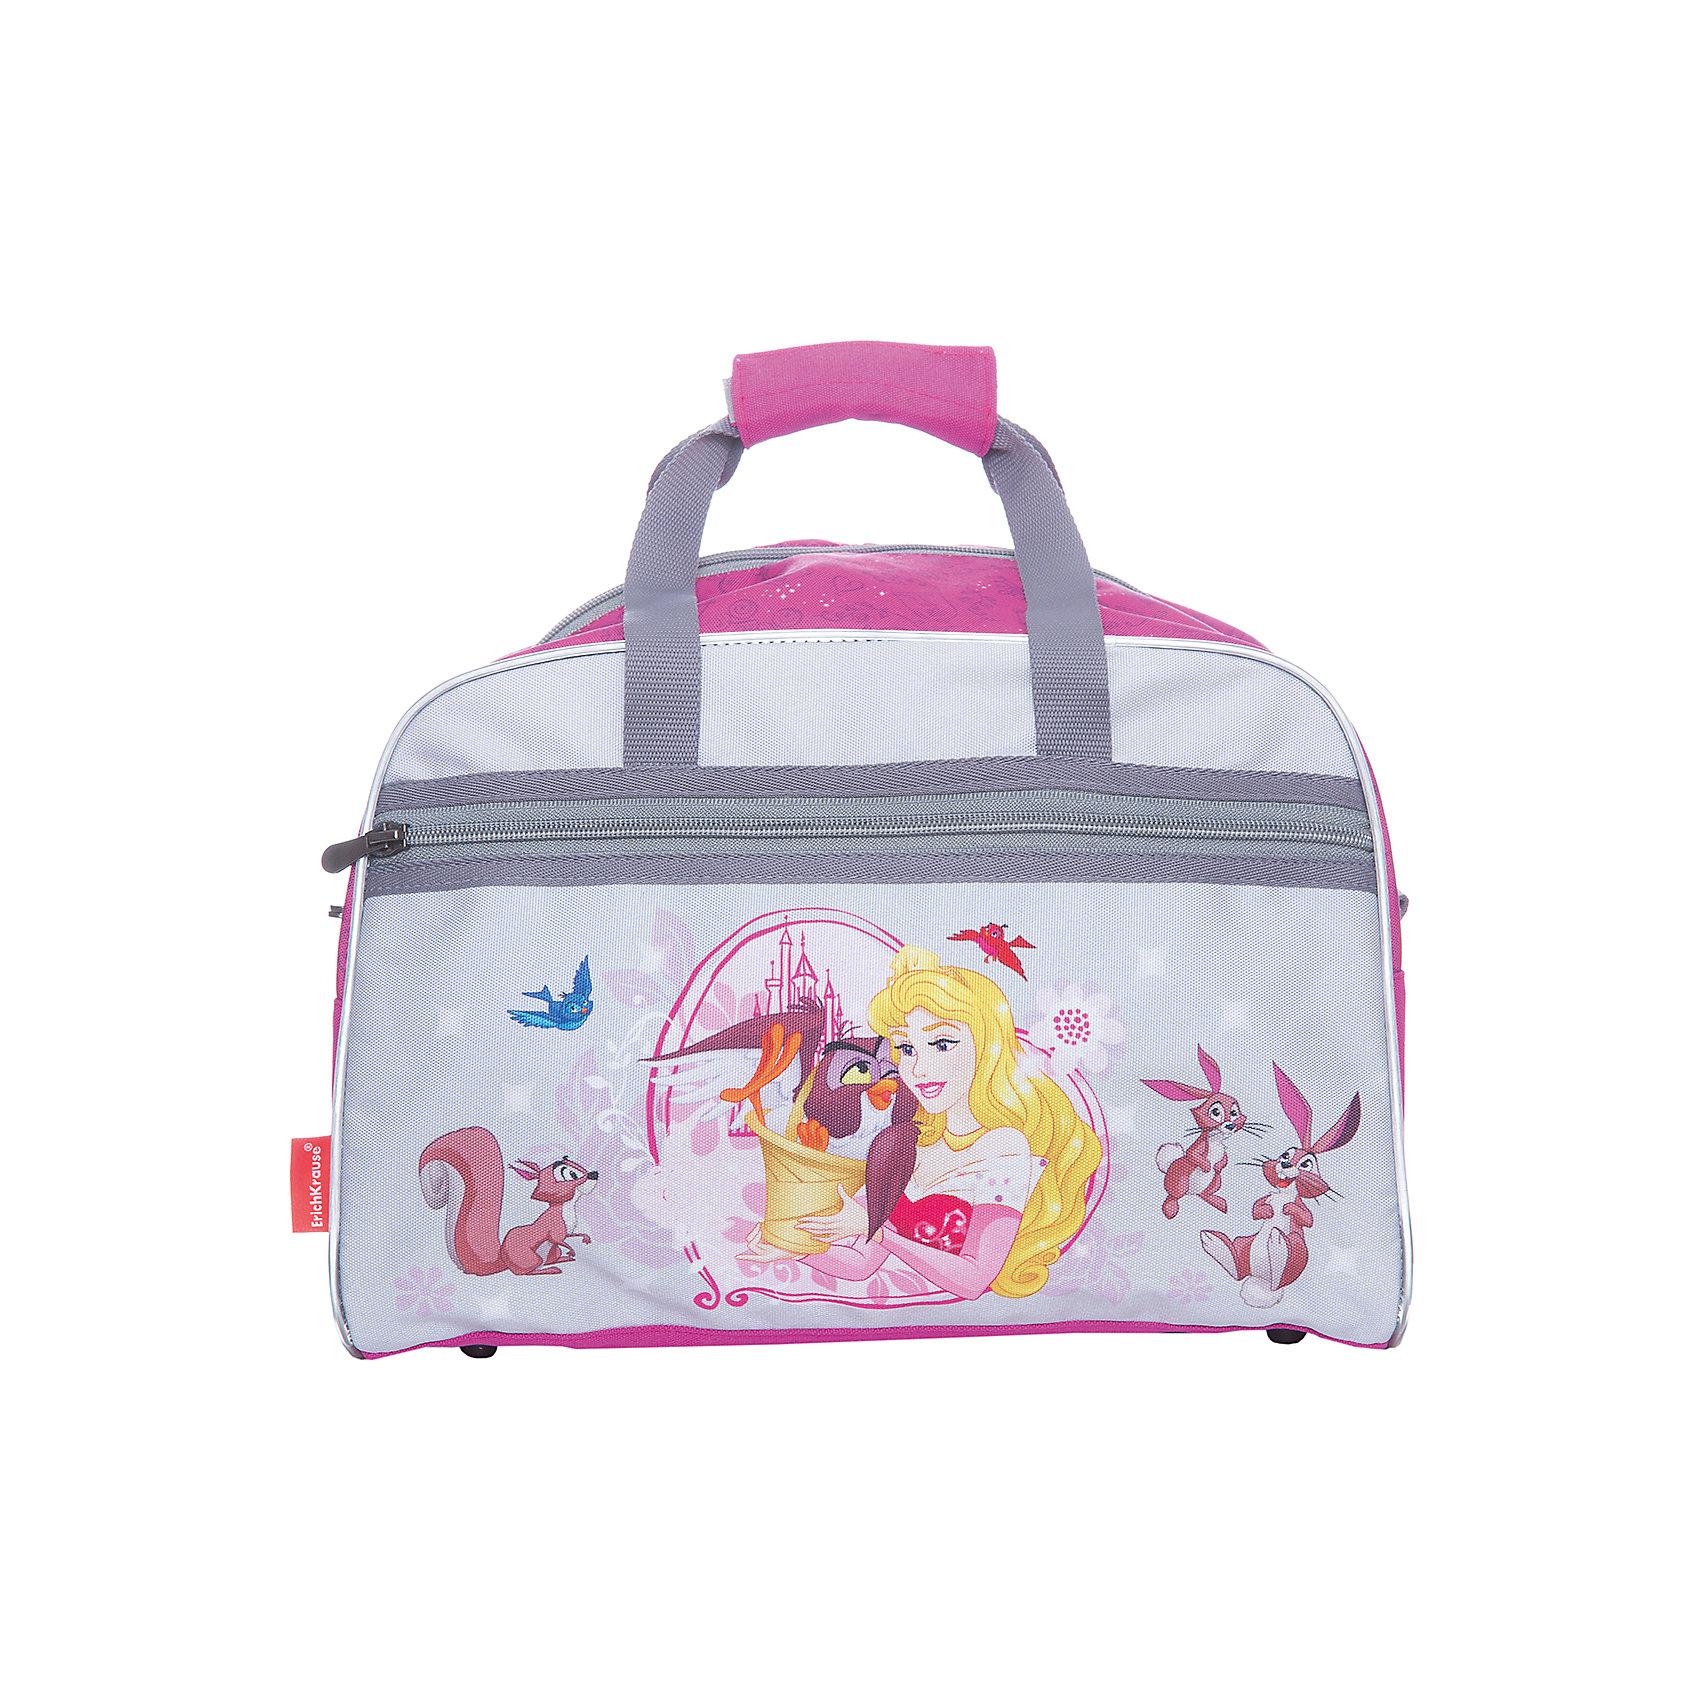 Сумка детская для спорта Принцессы Disney Большая мечтаСпортивные сумки<br>Характеристики товара:<br><br>• принт: Принцессы Disney Большая мечта<br>• материал: полиэстер<br>• большое внутреннее отделение<br>• ручка со специальной вставкой на липучке<br>• двойная молния<br>• размер изделия: 26х35х24 см<br>• вес в кг: 460гр<br>• страна изготовитель: Китай<br>• страна бренда: Германия<br><br>Сумку детскую  для спорта Принцессы Disney Большая мечта можно купить в нашем интернет-магазине.<br><br>Ширина мм: 440<br>Глубина мм: 350<br>Высота мм: 150<br>Вес г: 404<br>Возраст от месяцев: 72<br>Возраст до месяцев: 96<br>Пол: Женский<br>Возраст: Детский<br>SKU: 6842731